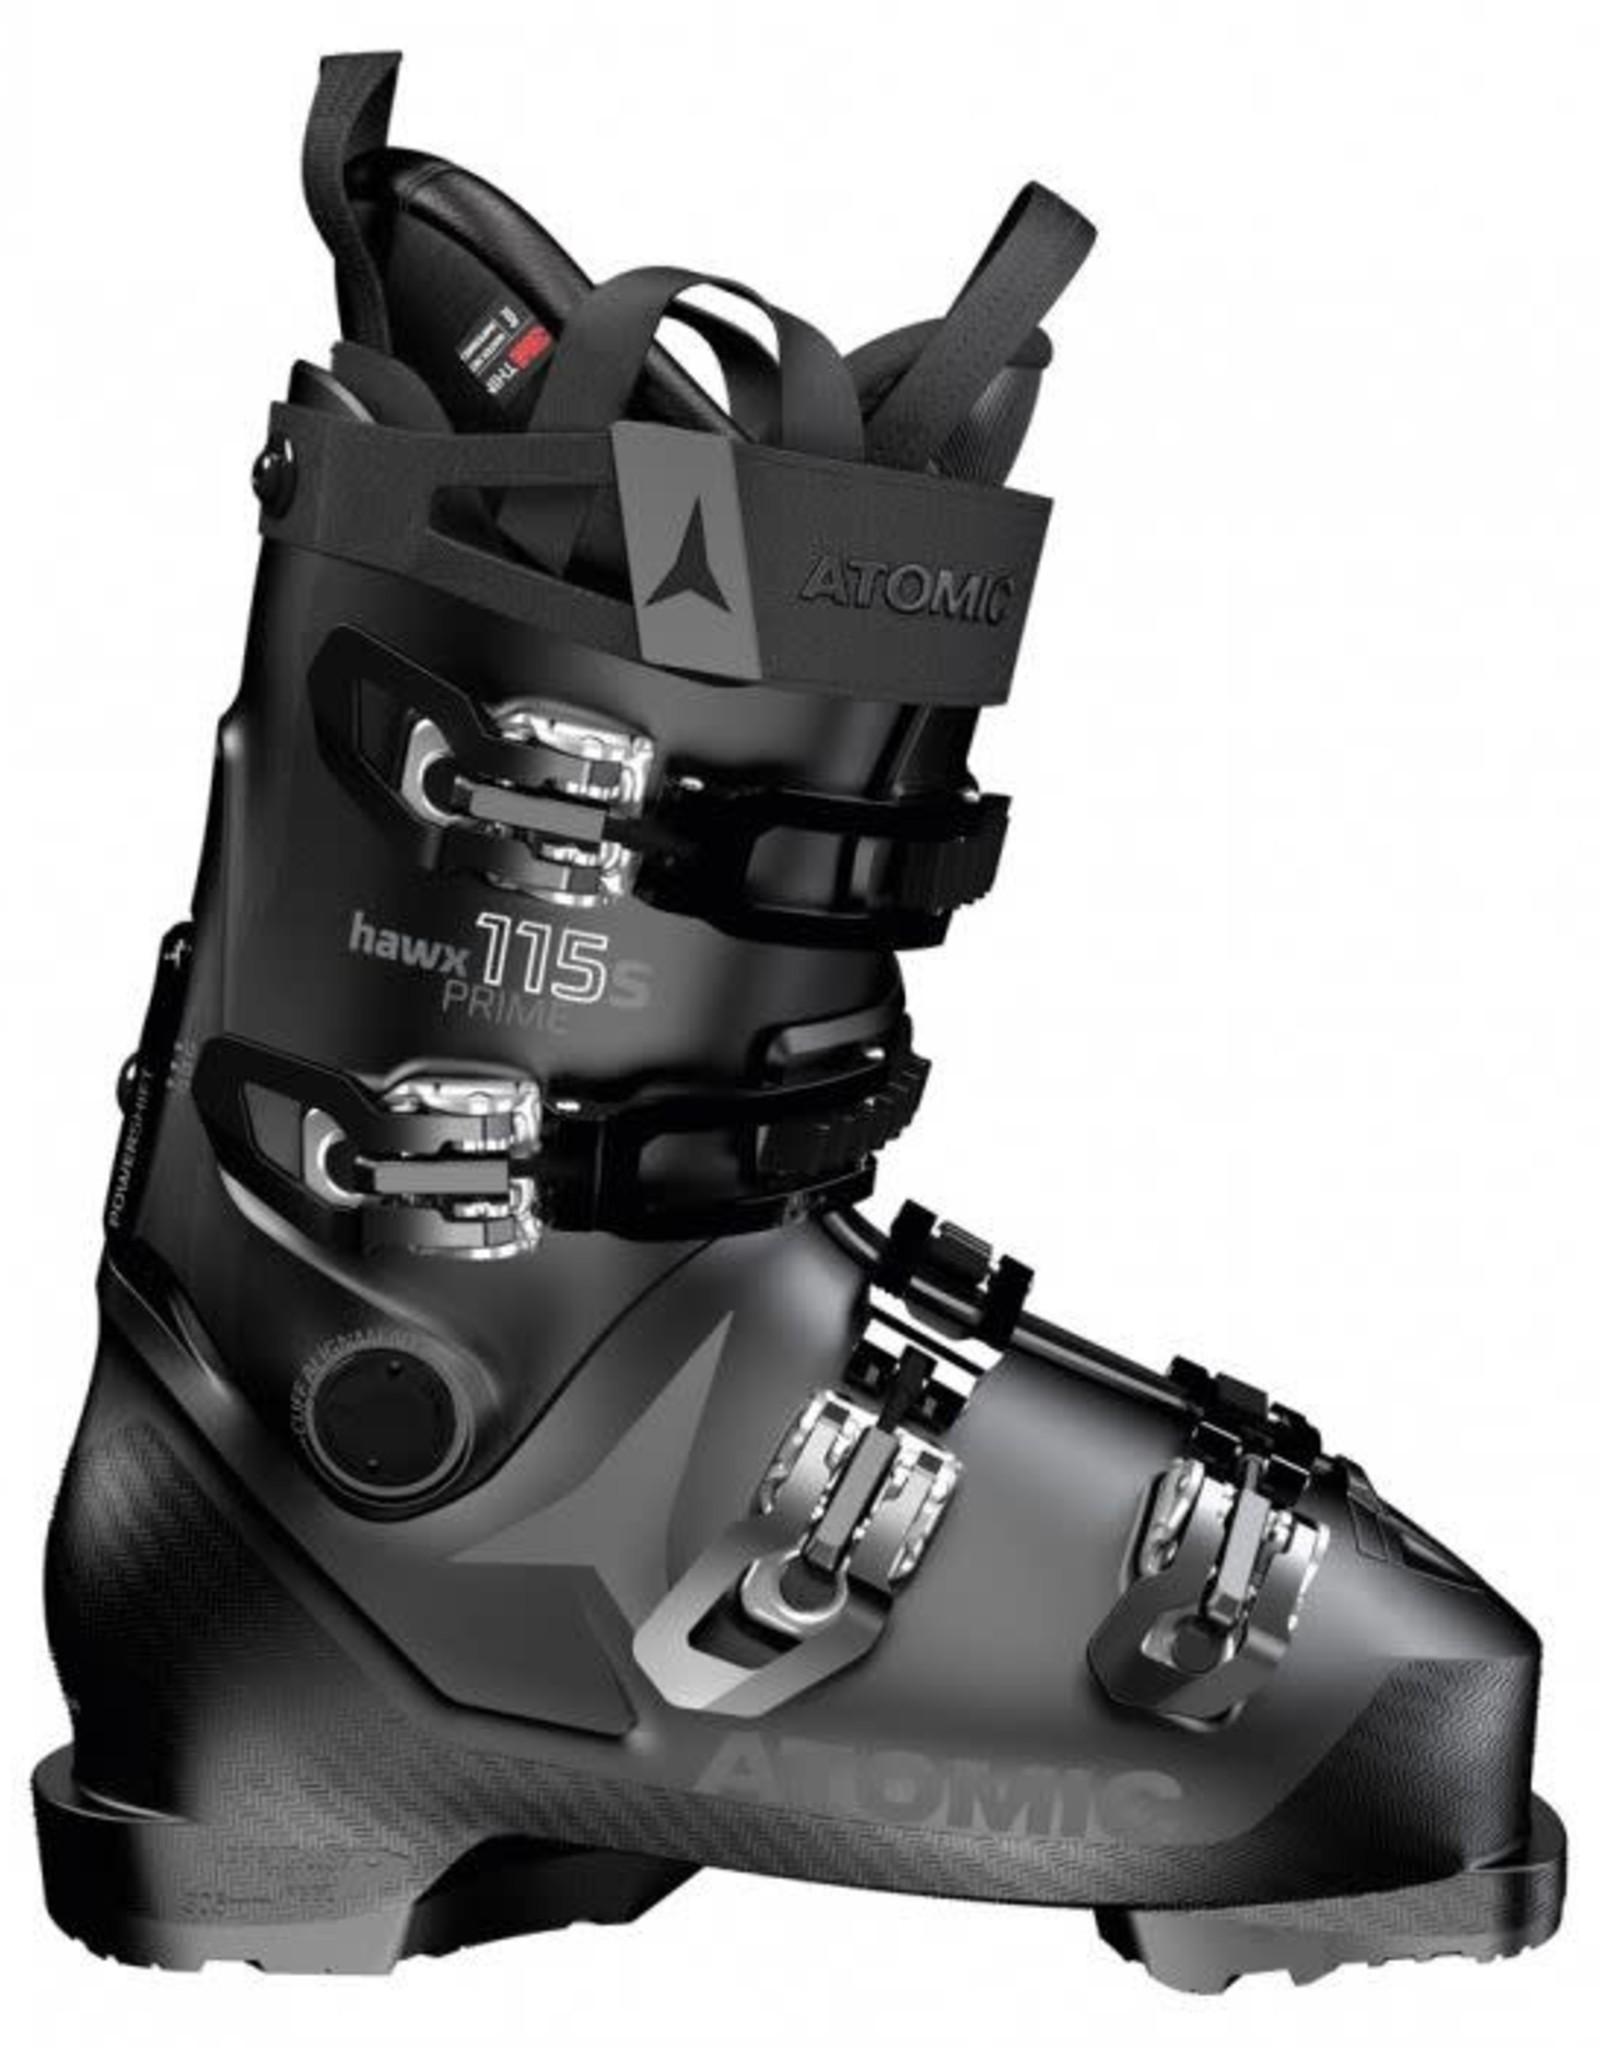 ATOMIC ATOMIC Ski Boots HAWX PRIME 115 S W GW (21/22)